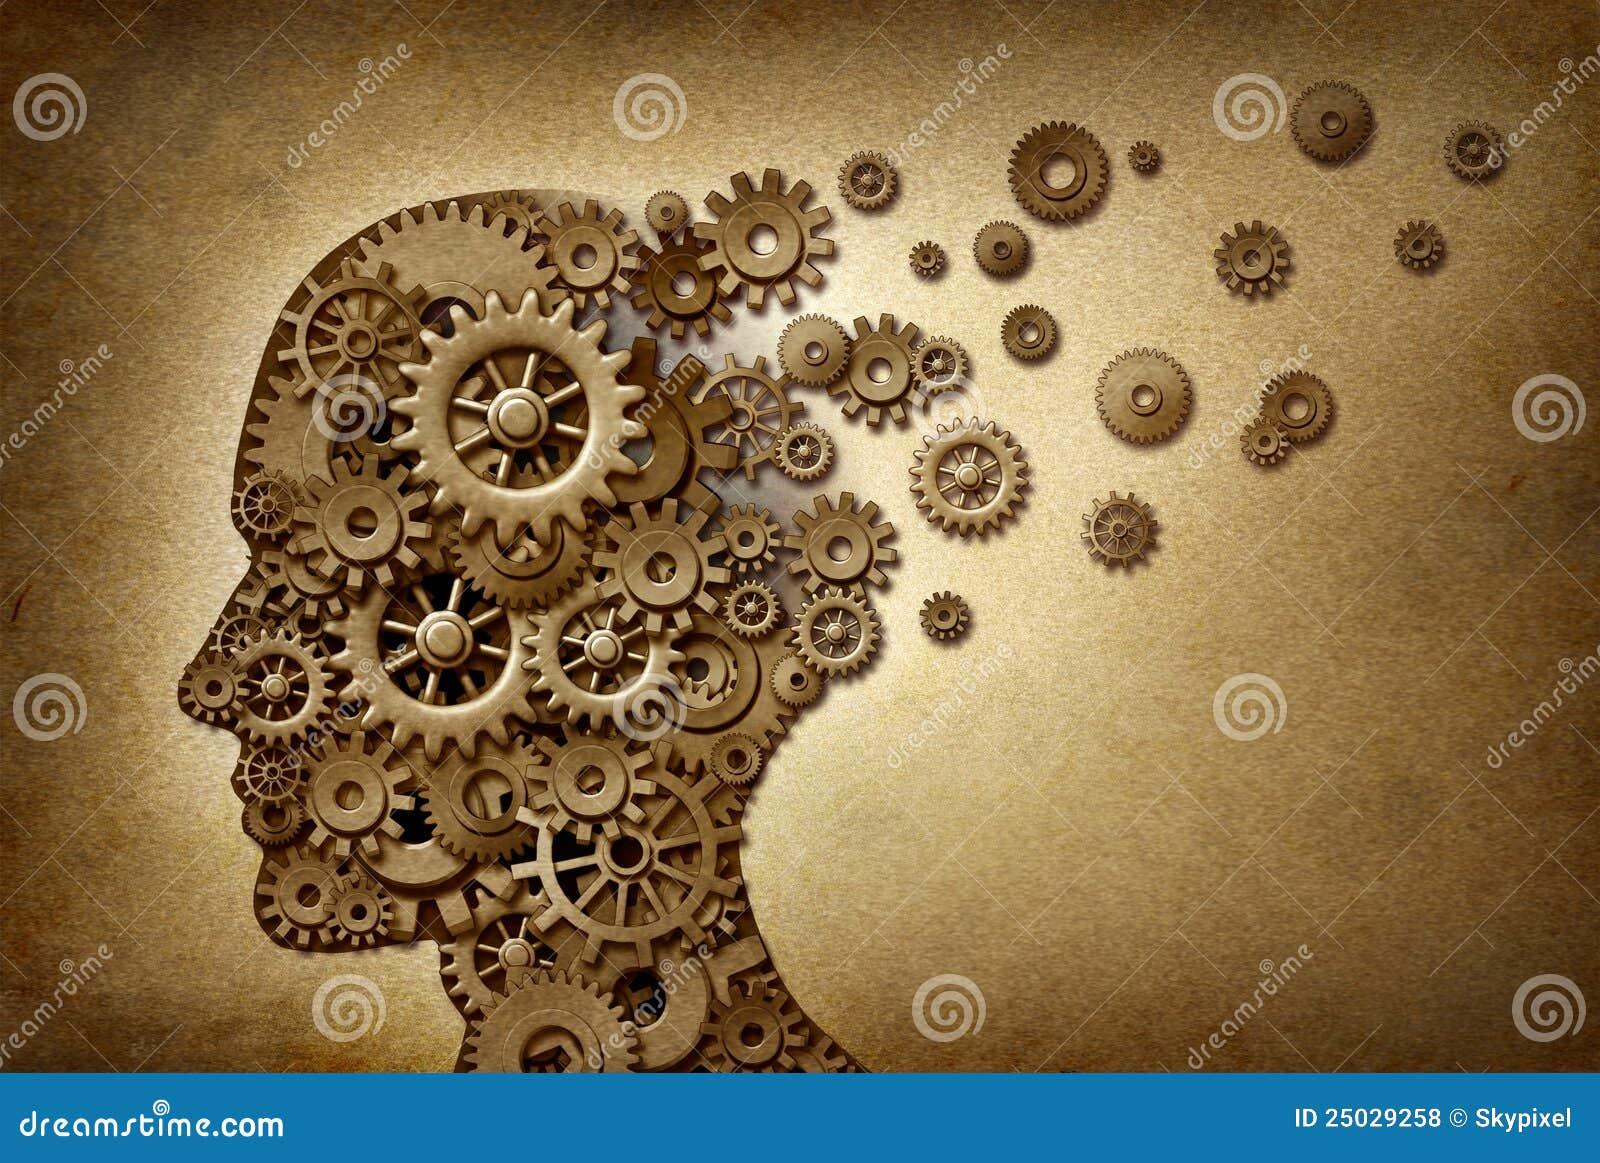 Hjärndemensproblem